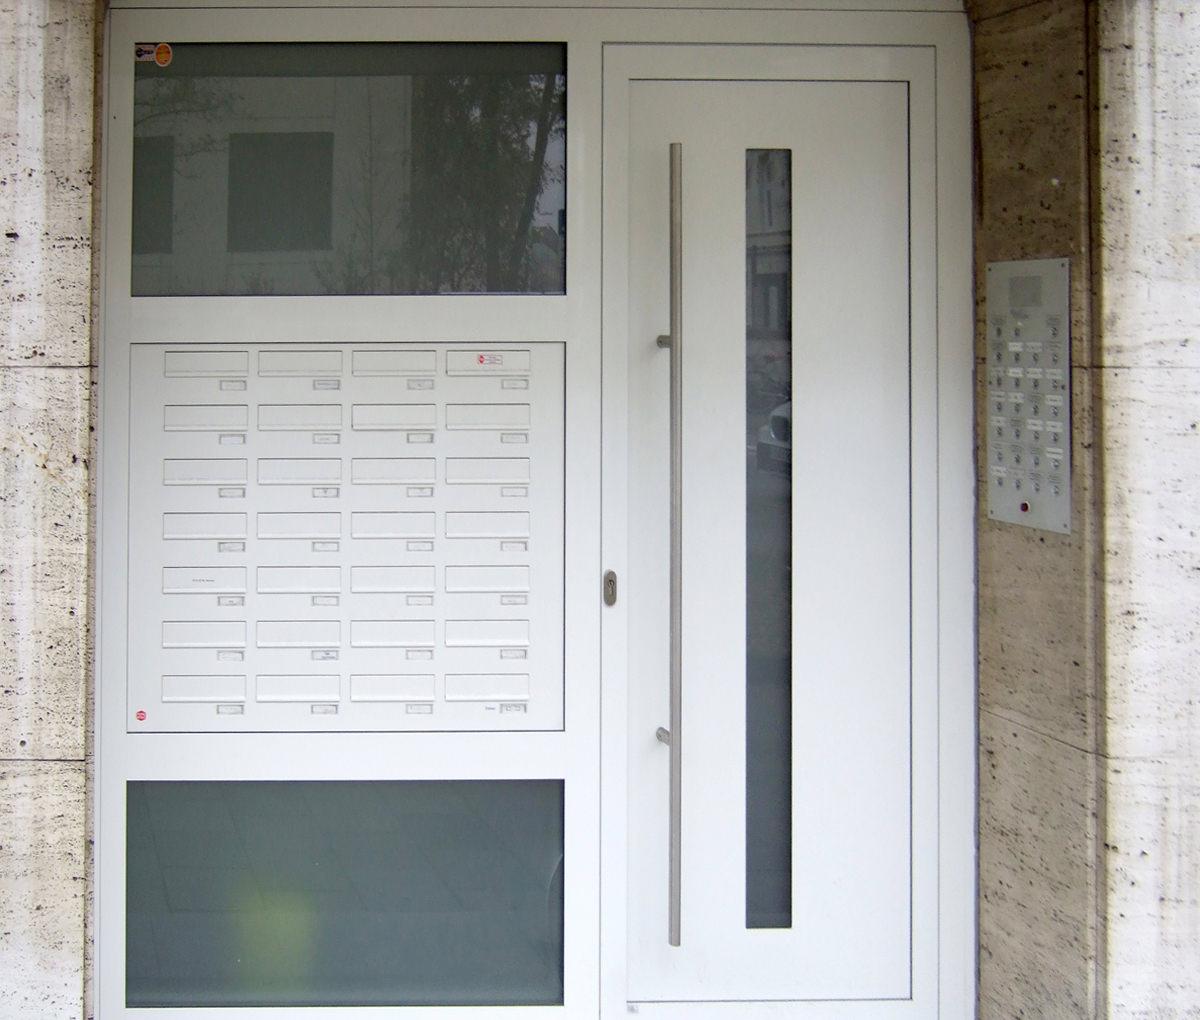 Briefkästen - Haustür Seintenteil-Briefkastenanlagen - www.aluminium-haustueren-direkt.de